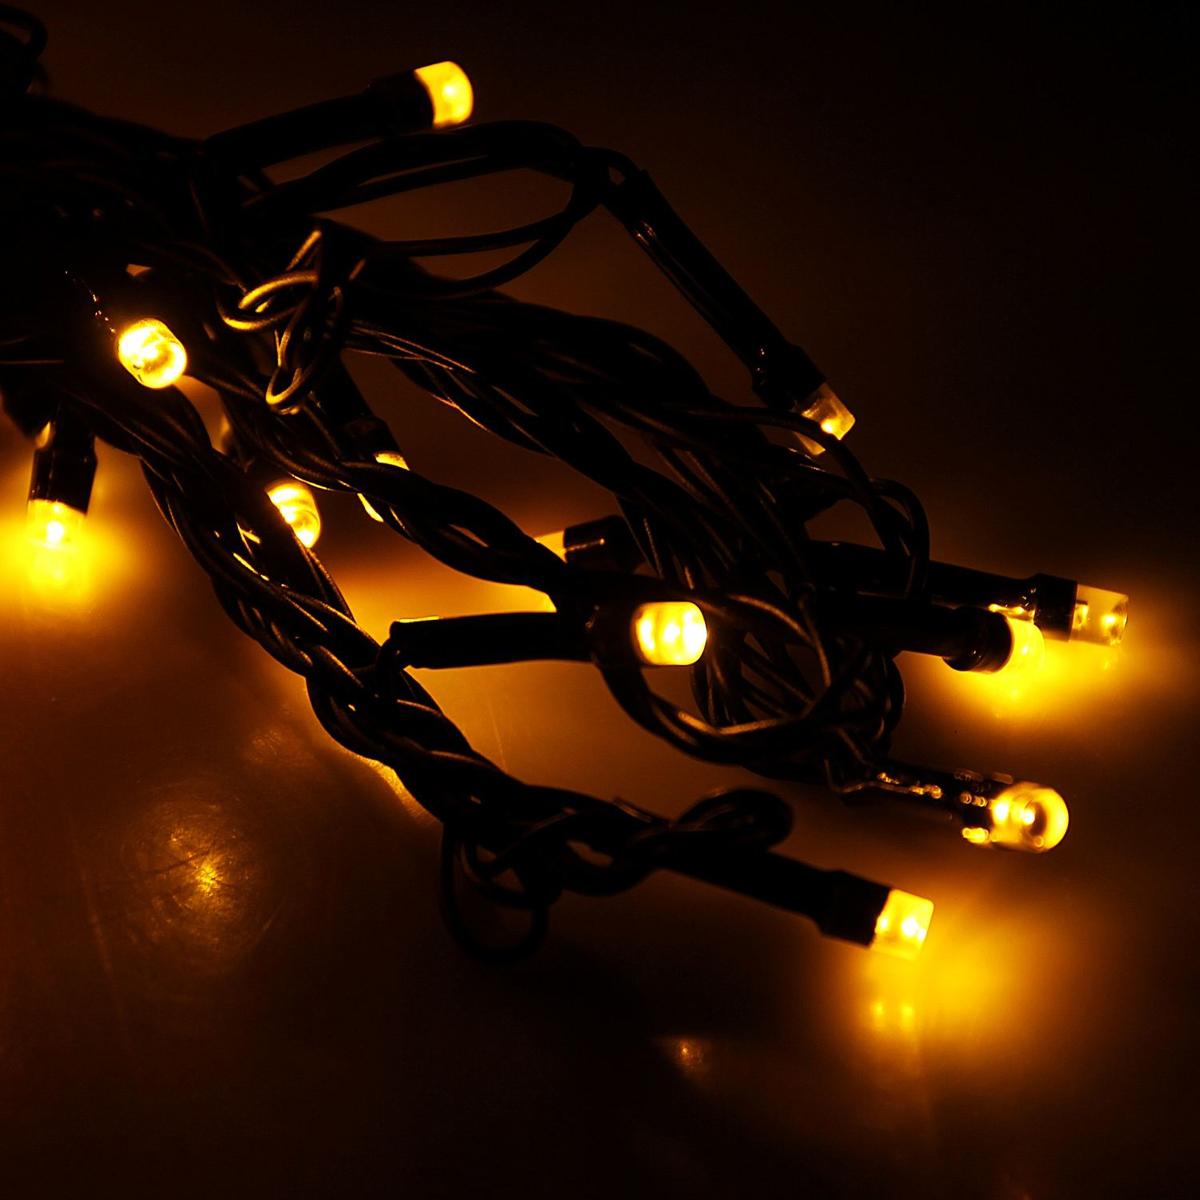 Гирлянда светодиодная Luazon Метраж, 8 режимов, 50 ламп, 220 V, 5,2 м, цвет: желтый. 10803441080344Светодиодные гирлянды, ленты и т.д. — это отличный вариант для новогоднего оформления интерьера или фасада. С их помощью помещение любого размера можно превратить в праздничный зал, а внешние элементы зданий, украшенные ими, мгновенно станут напоминать очертания сказочного дворца. Такие украшения создают ауру предвкушения чуда. Деревья, фасады, витрины, окна и арки будто специально созданы, чтобы вы украсили их светящимися нитями.